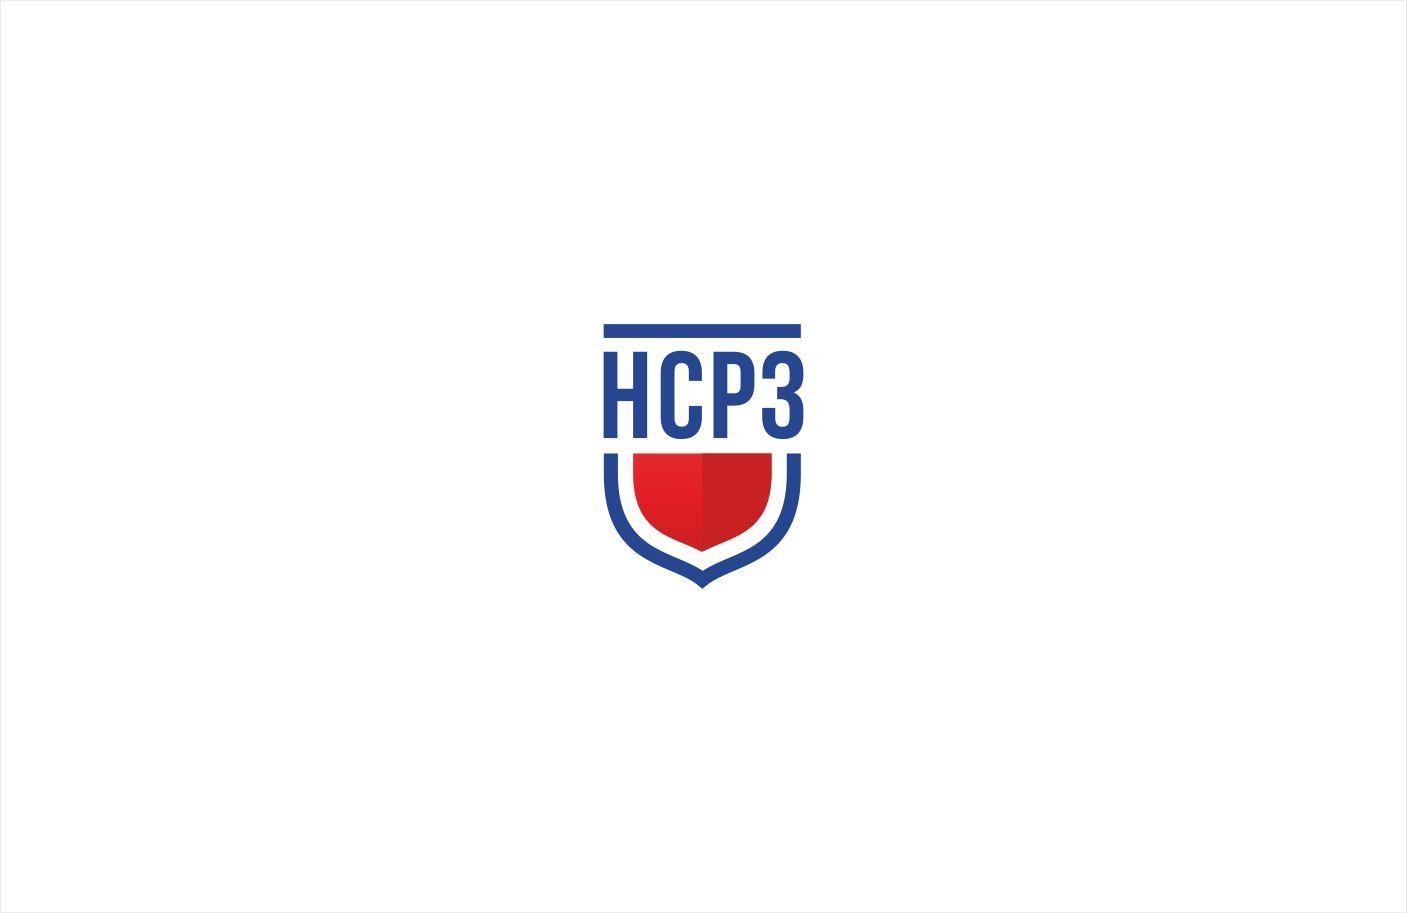 Лого и фирменный стиль для НСРЗ - дизайнер mikewas